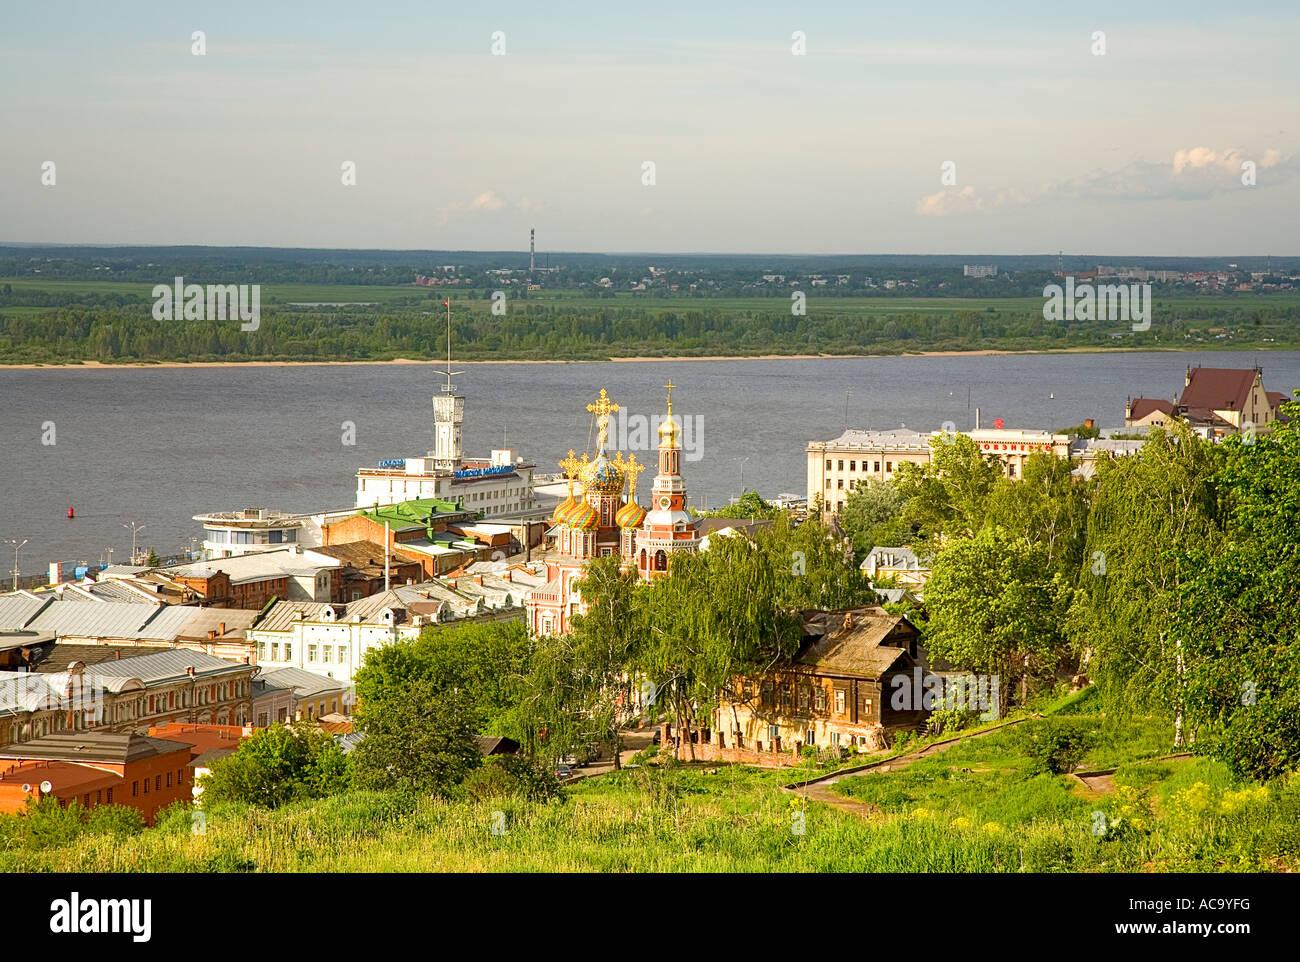 Virgin's Nativity Church and historic merchant houses at the Volga river, Nizhny Novgorod (Gorky), Russia Stock Photo